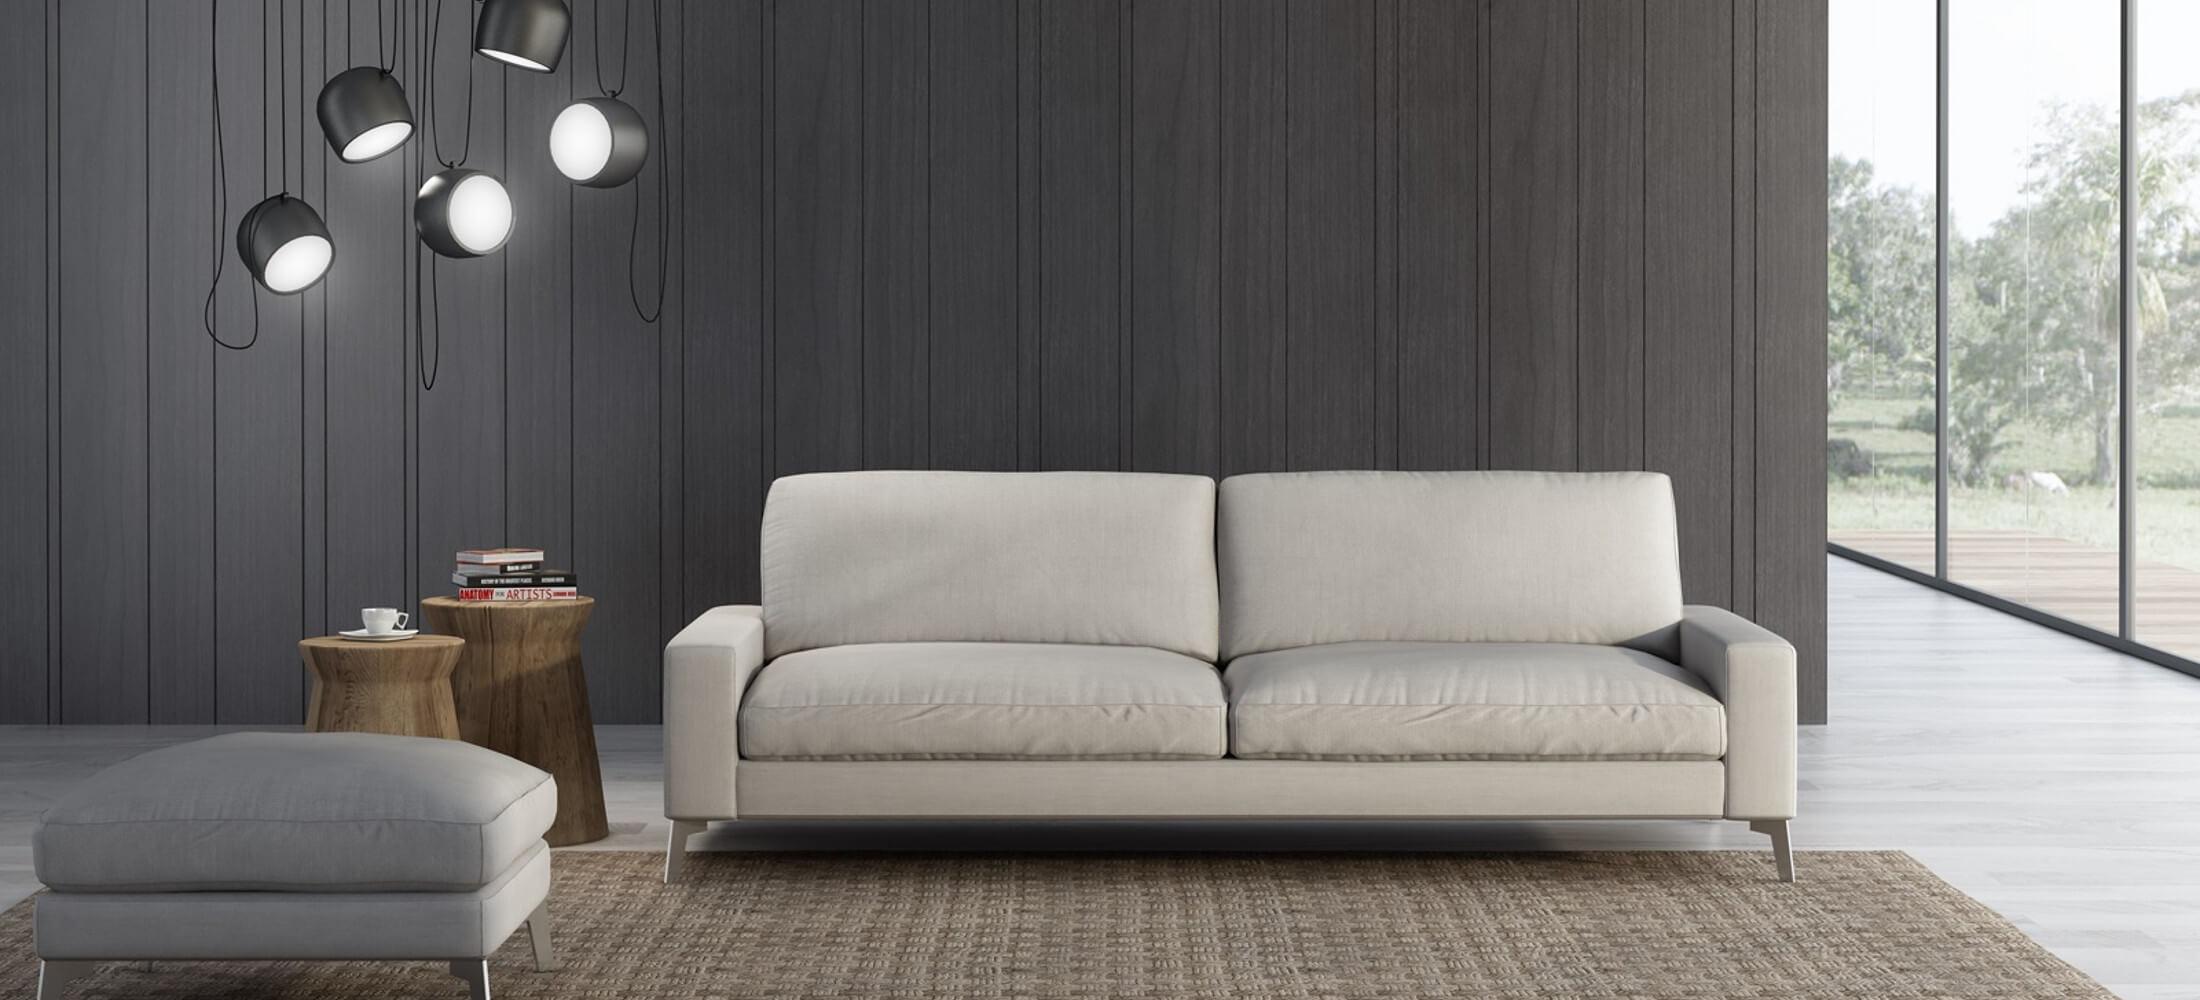 Ambiente sofá Zow